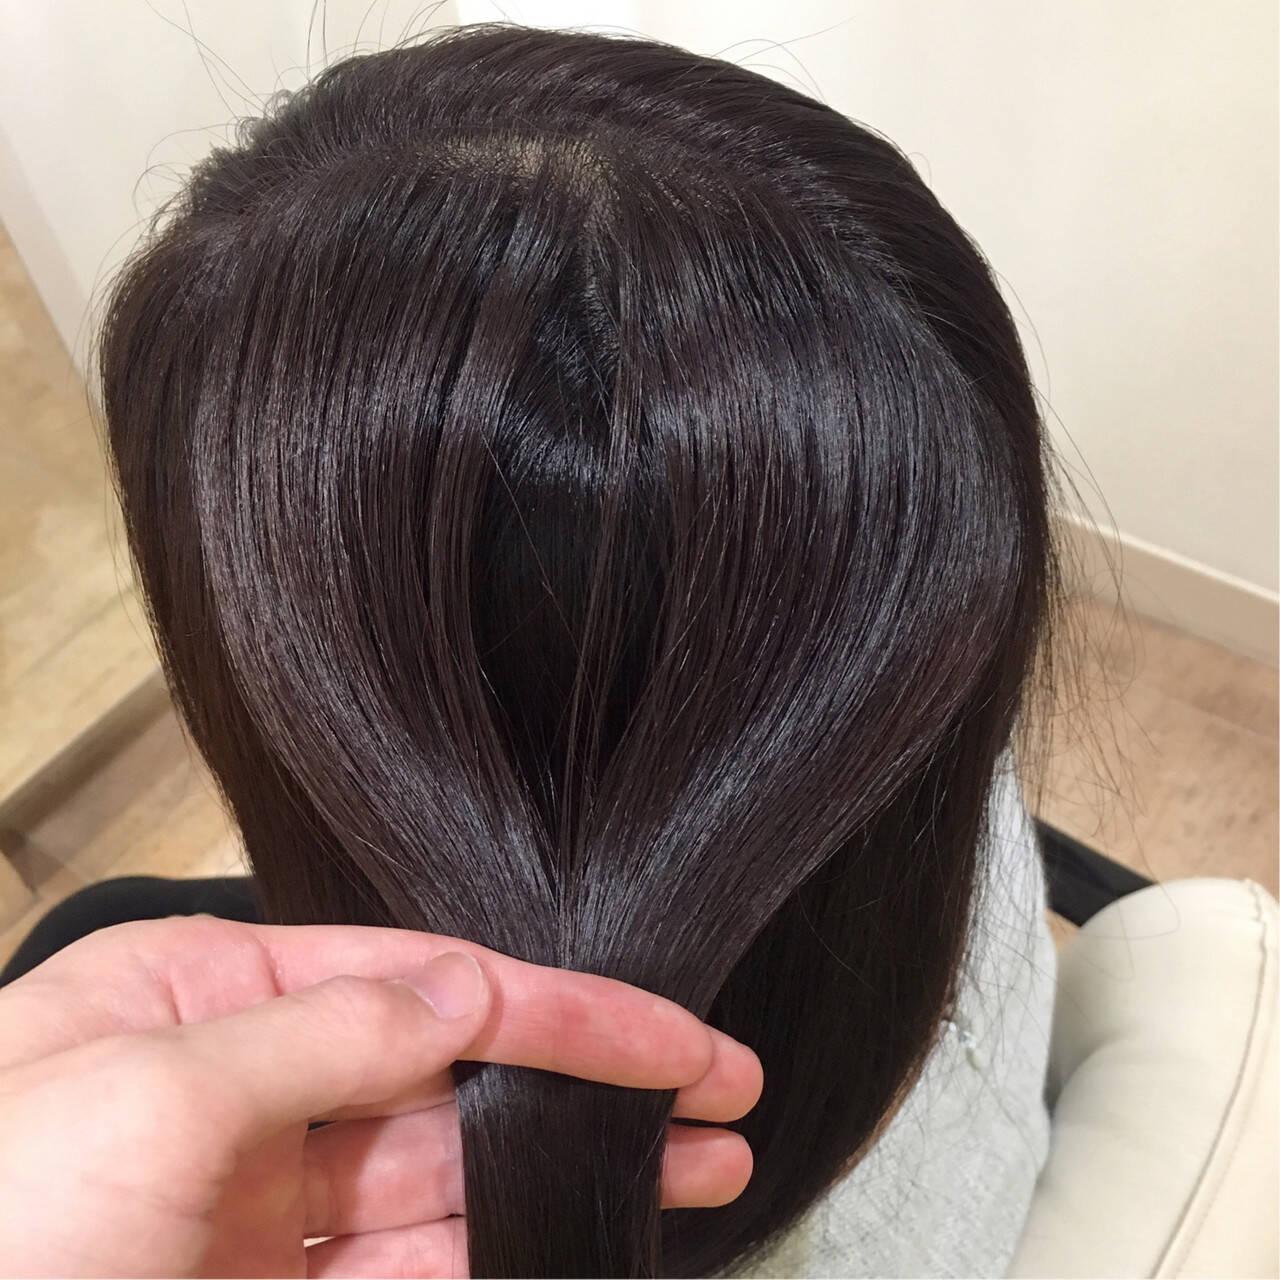 ツヤ ロング 美髪 ヘアケアヘアスタイルや髪型の写真・画像